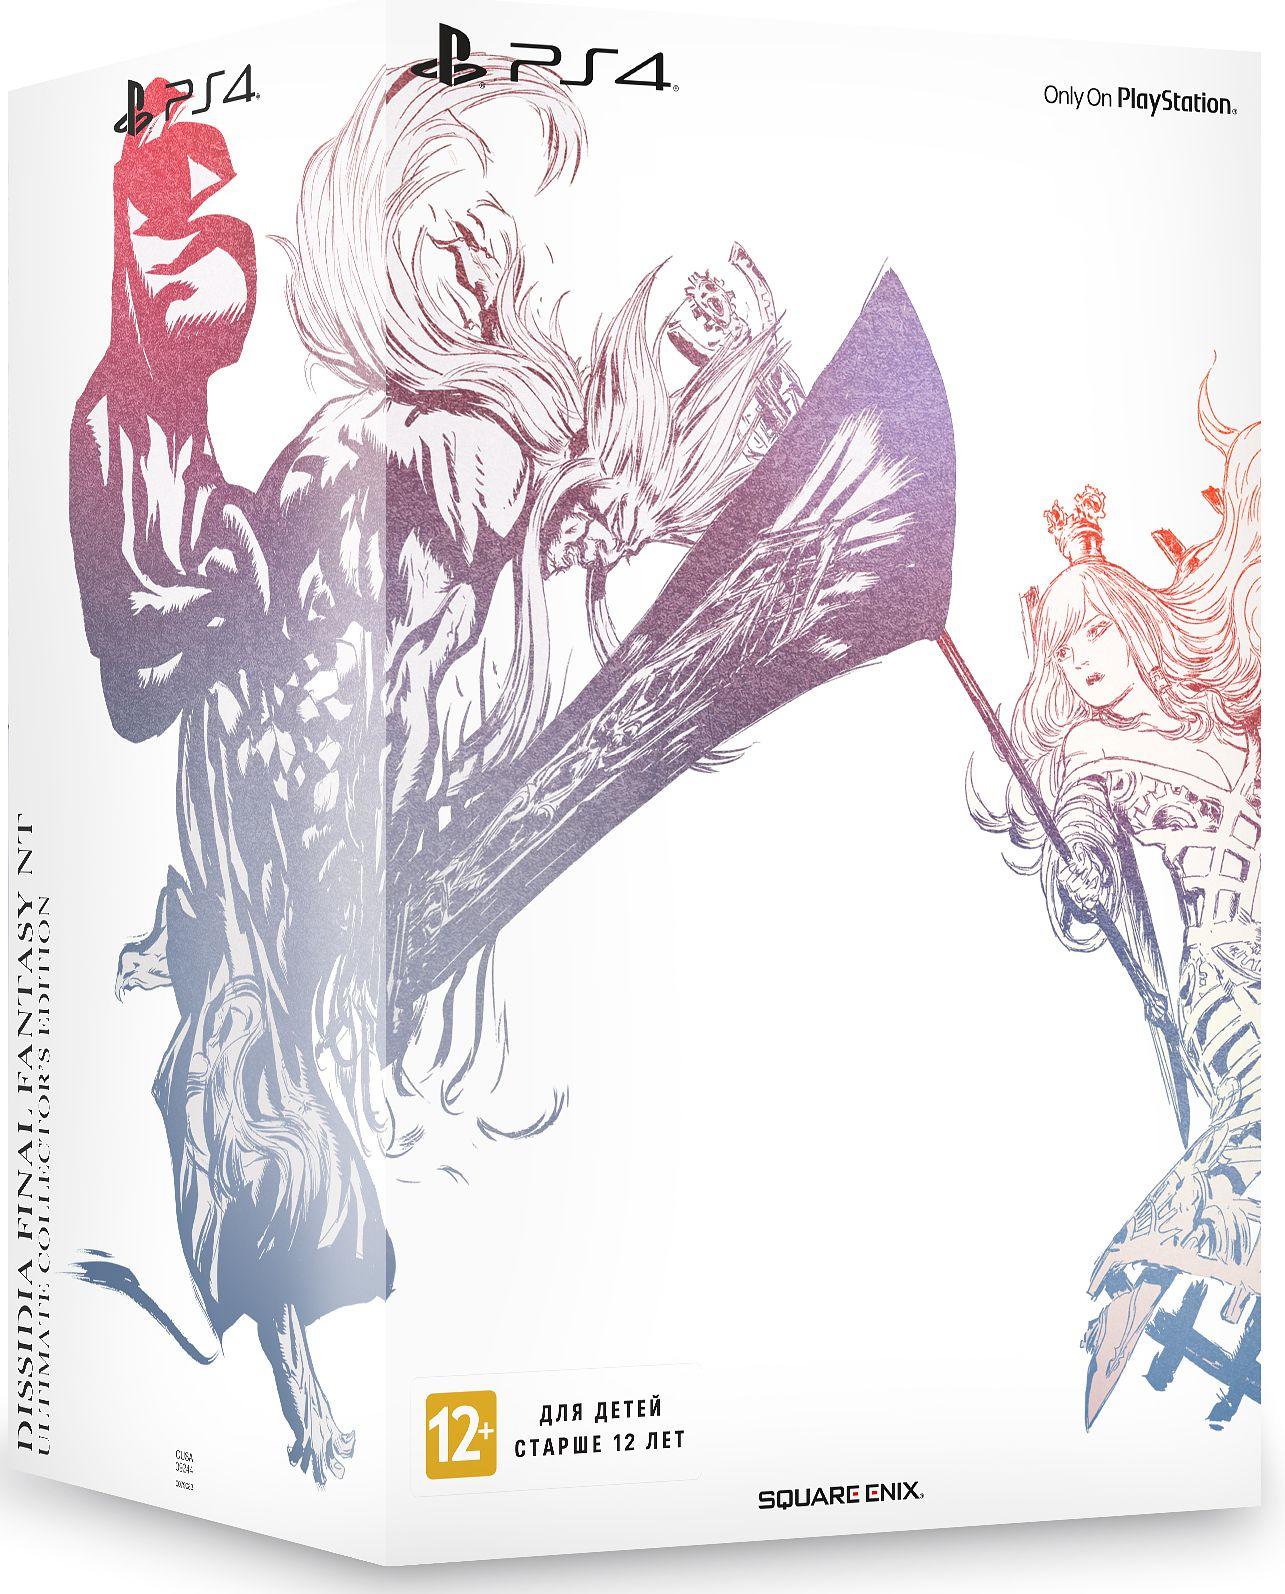 Dissidia Final Fantasy NT. Коллекционное издание [PS4]Square Enix совместно с Team Ninja и Koei Tecmo Games представляют игру Dissidia Final Fantasy NT, дарящую новые яркие впечатления от командных боев!<br>